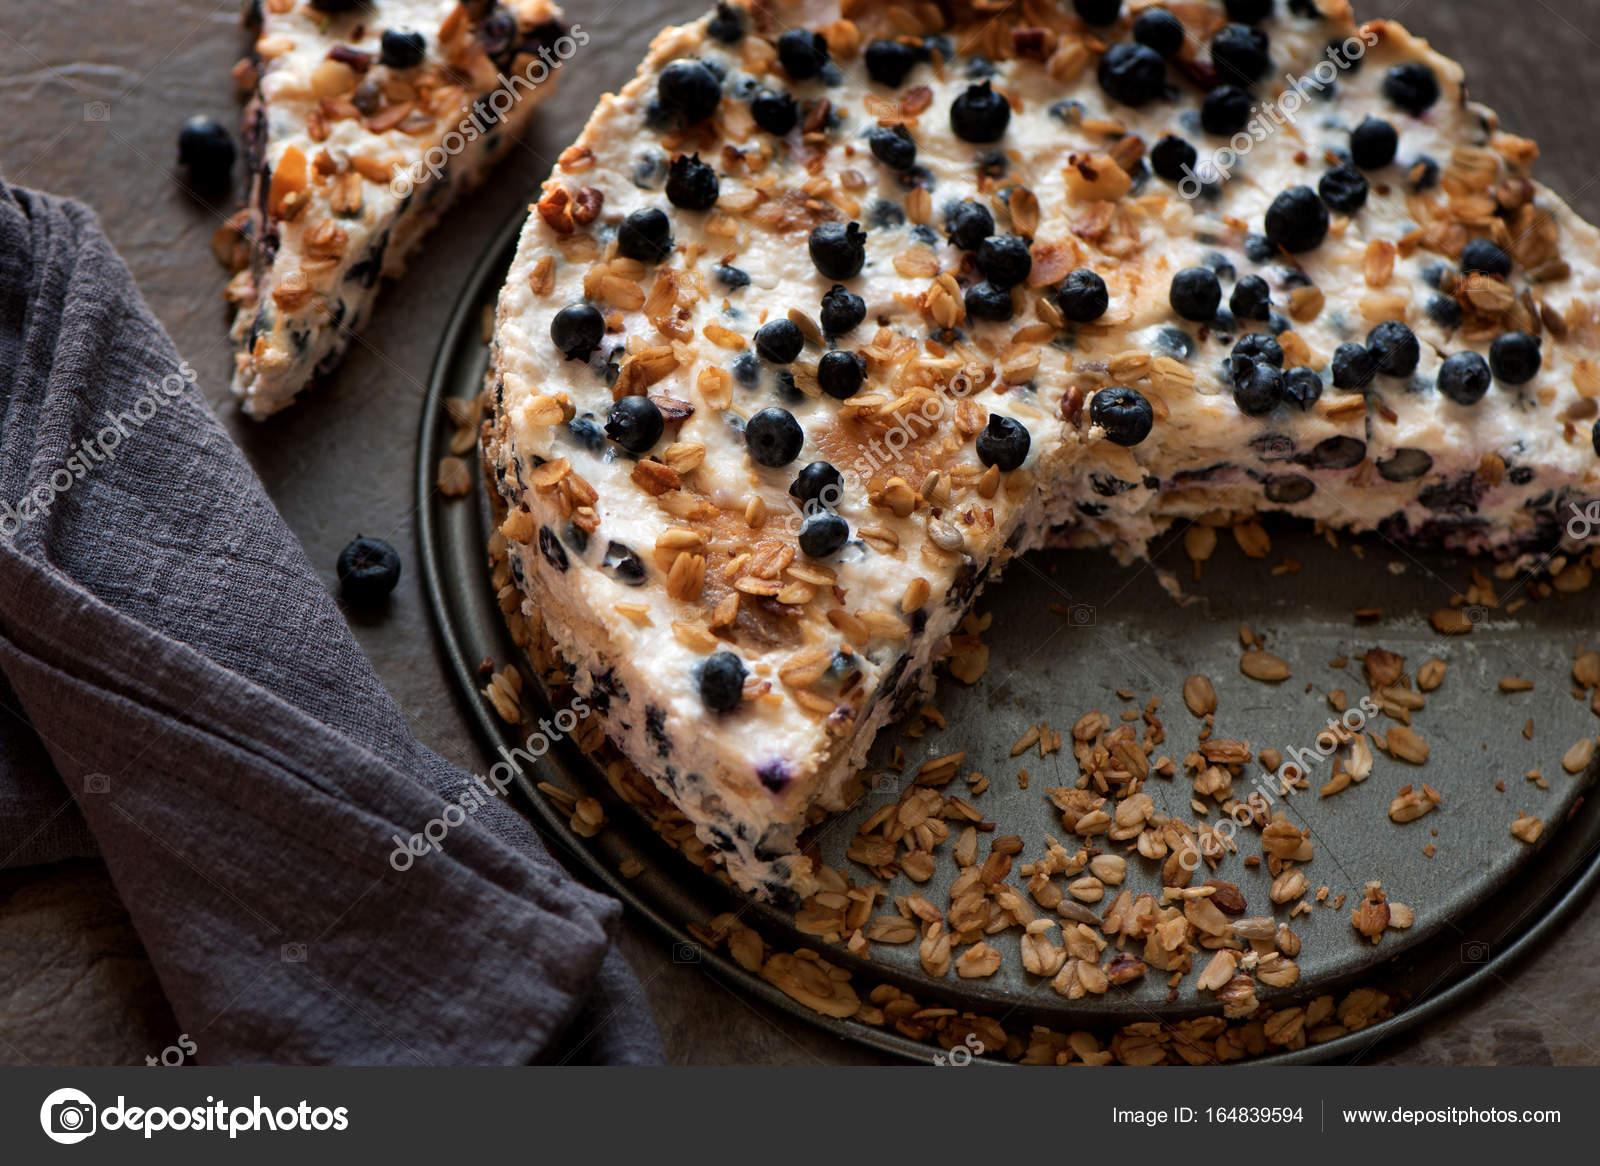 Saure Sahne Kuchen Mit Musli Kekse Und Heidelbeeren Stockfoto